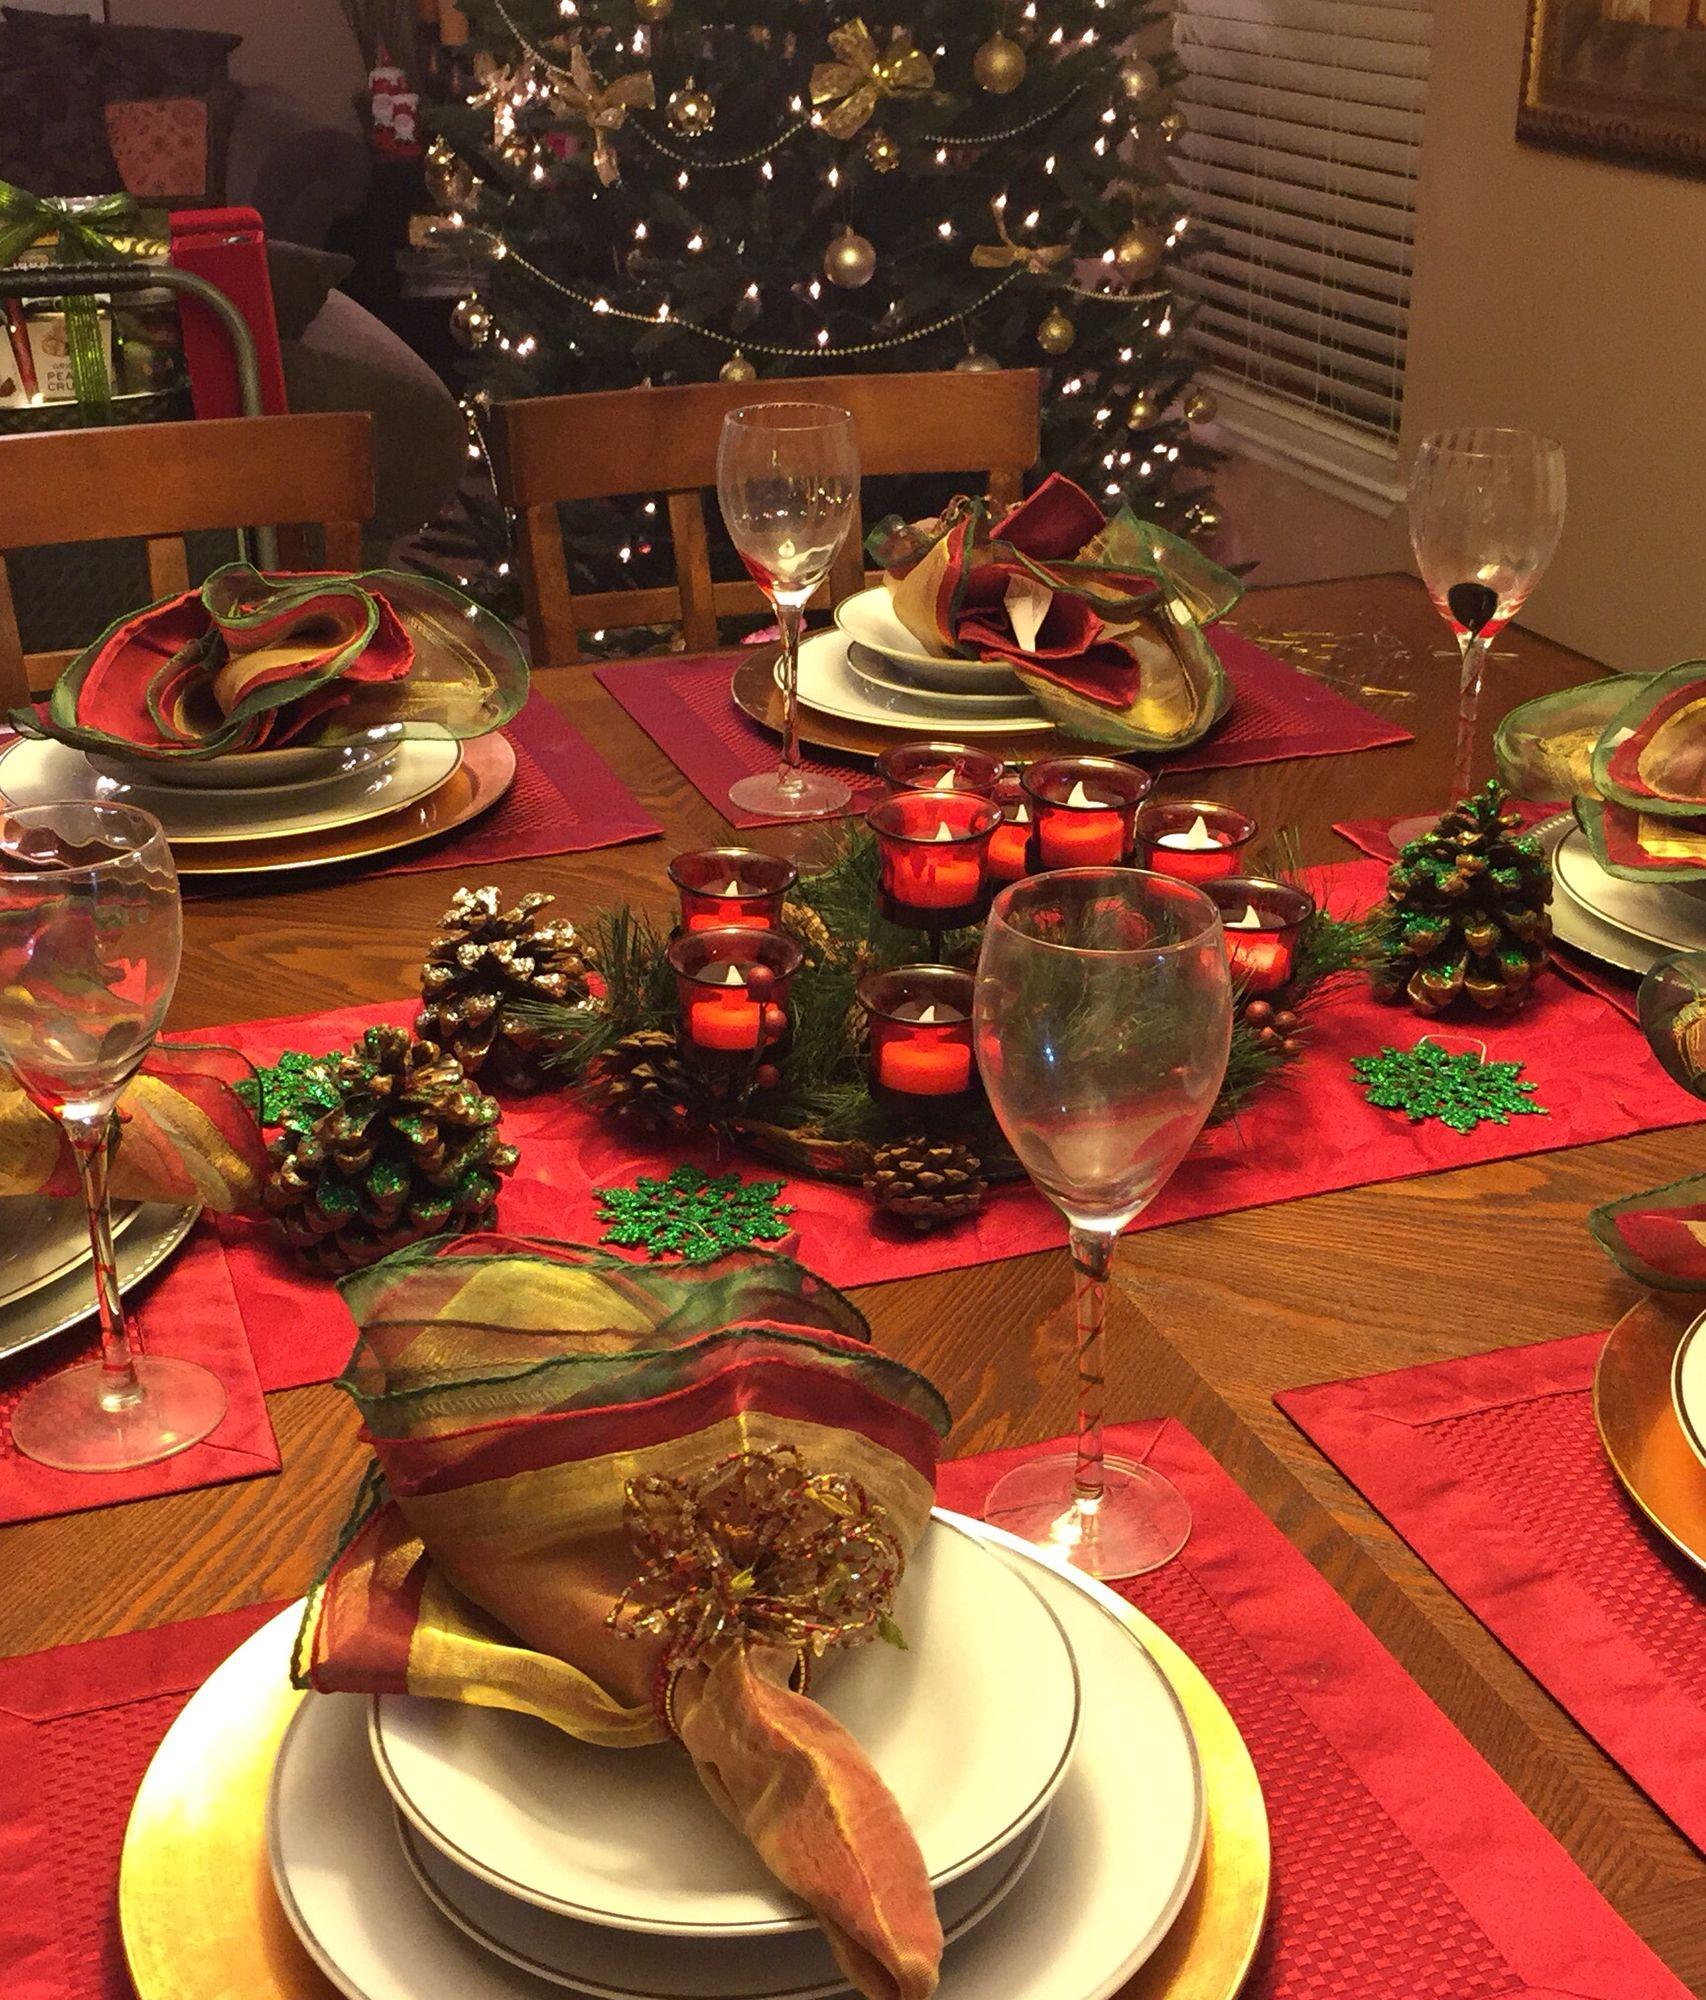 Dining Table Set Up For Christmas Dinner Christmas Dinner Set